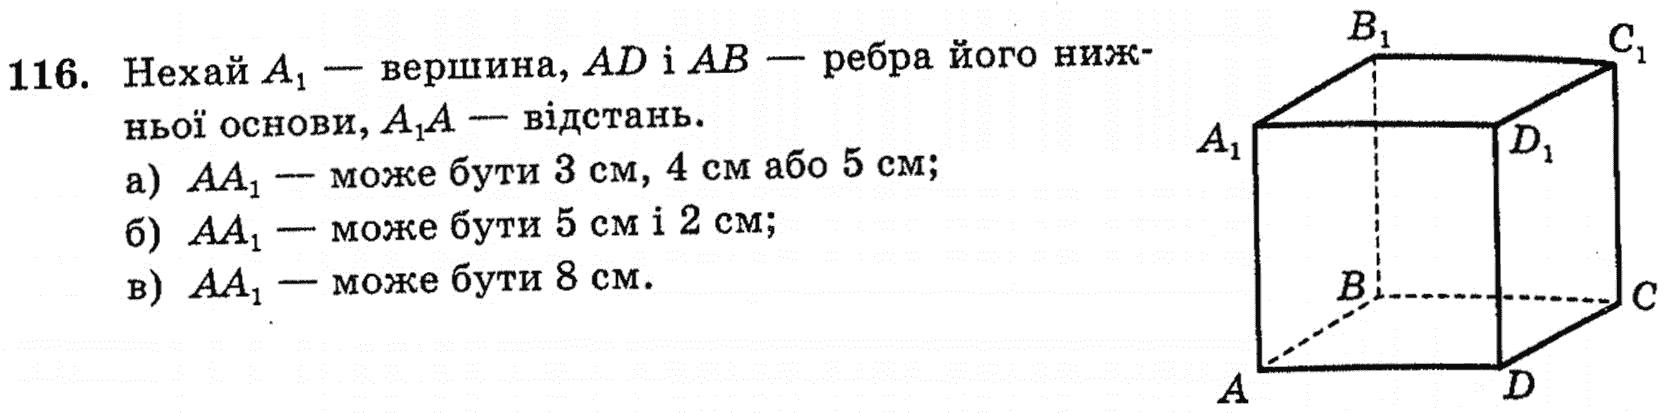 дидактика никольский 10 класс гдз